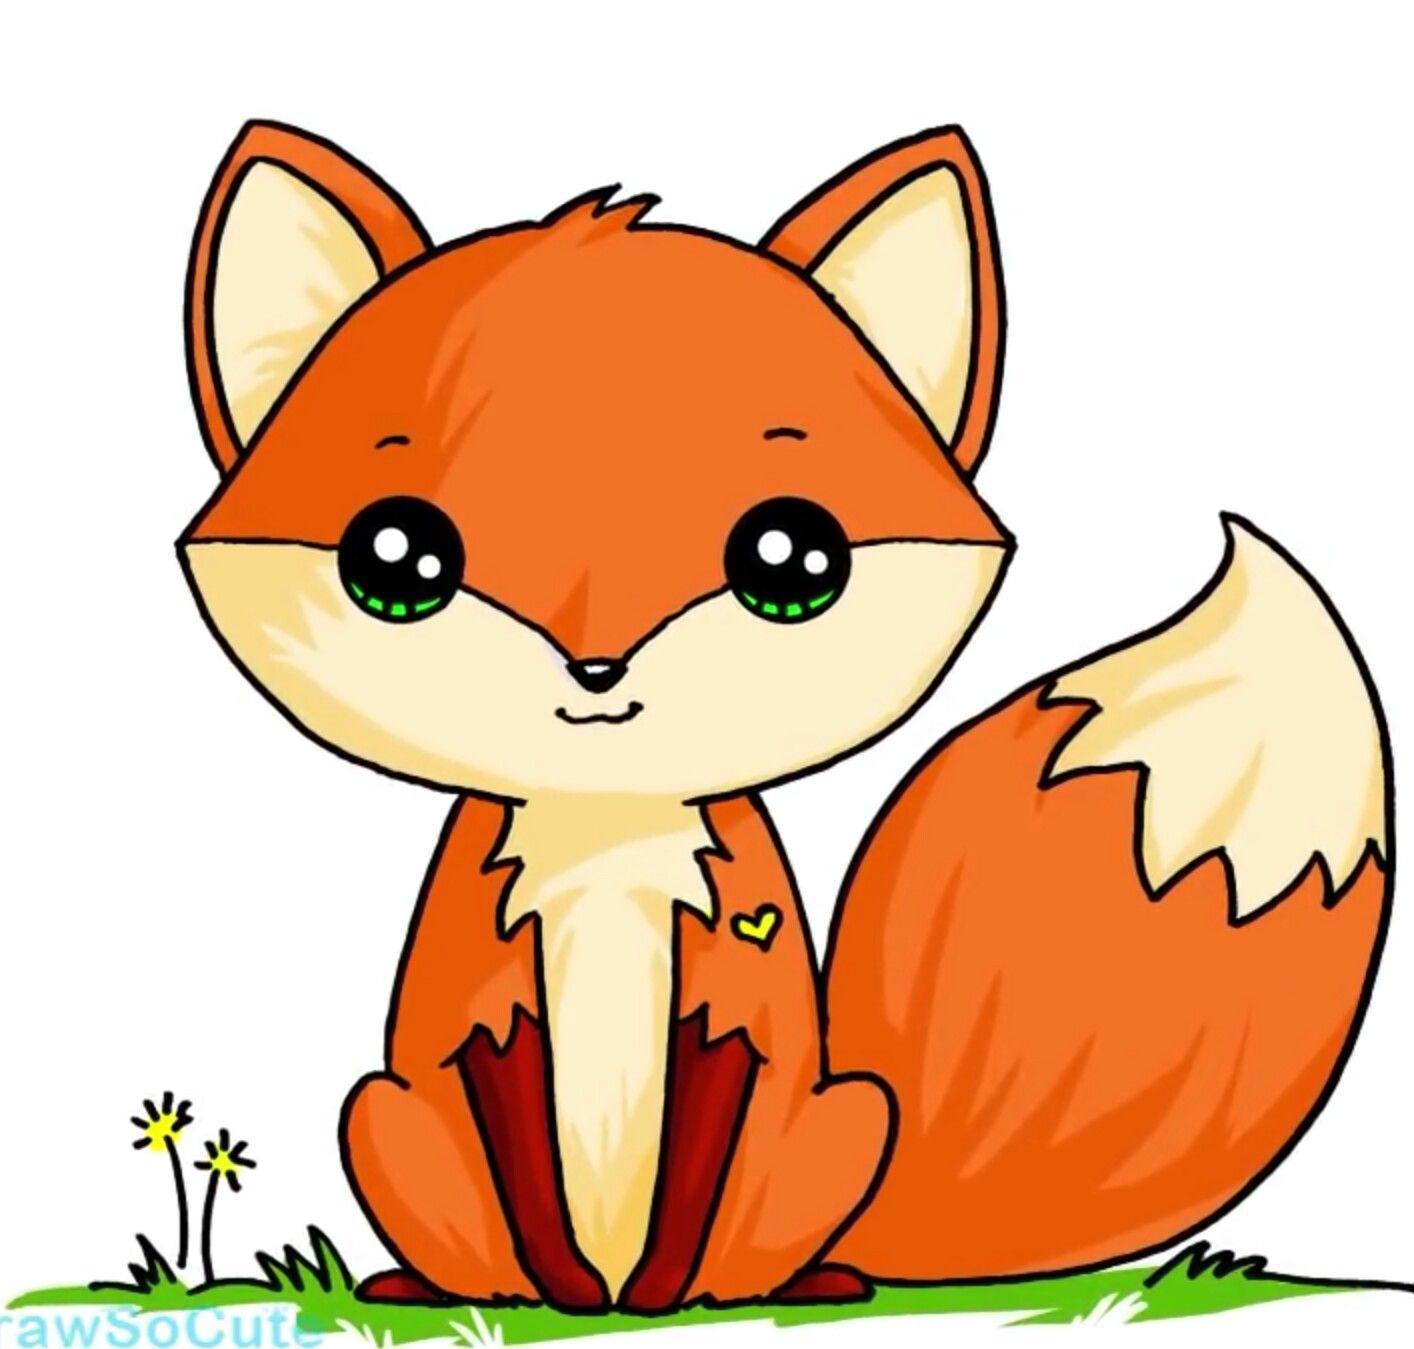 милая лисичка Рисунки животных, Милые рисунки, Милые